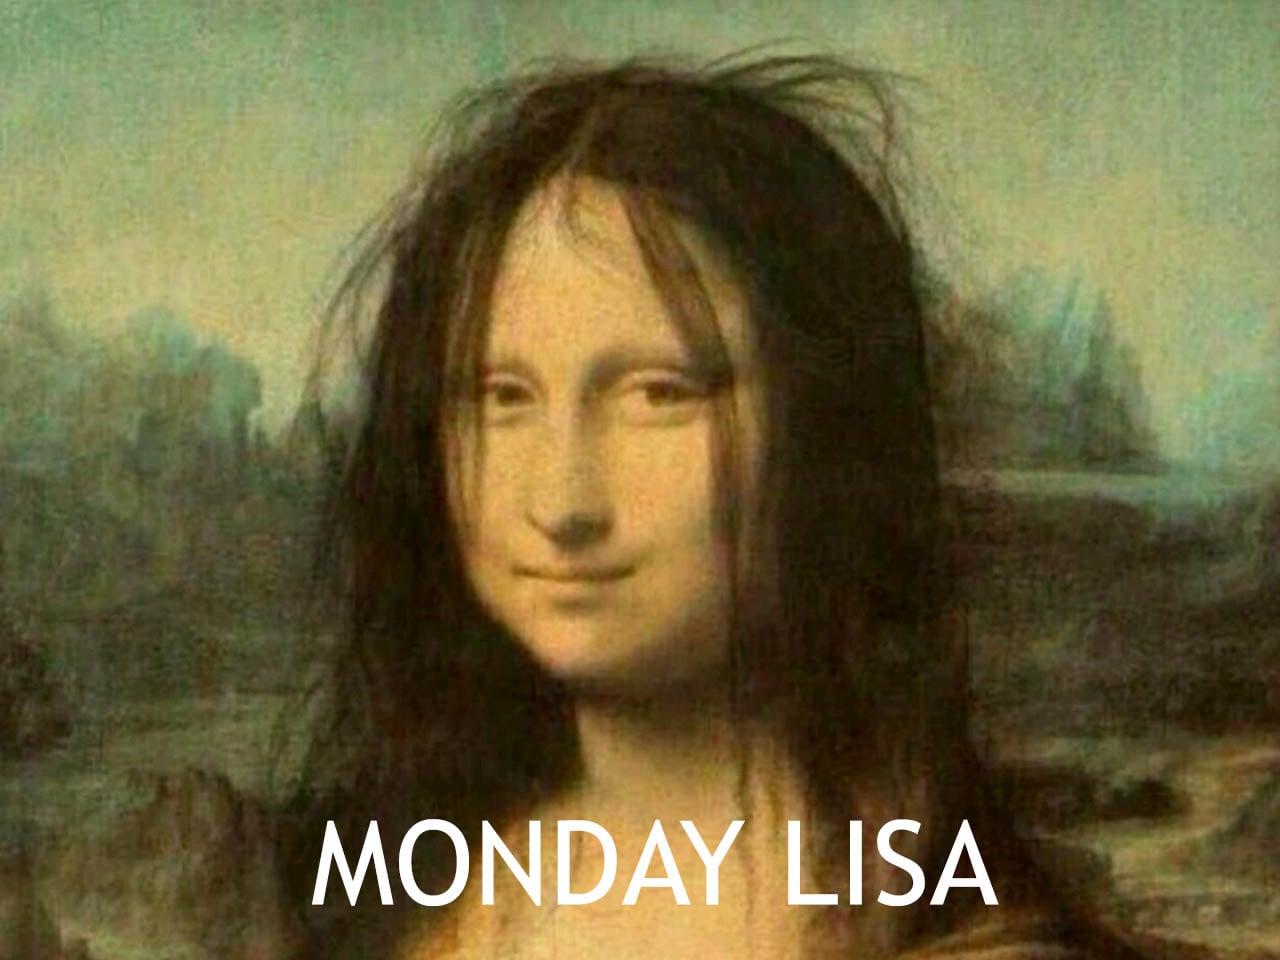 sprüche zum montag 10 Montag Sprüche, die das Montagsgefühl auf den Punkt bringen  sprüche zum montag